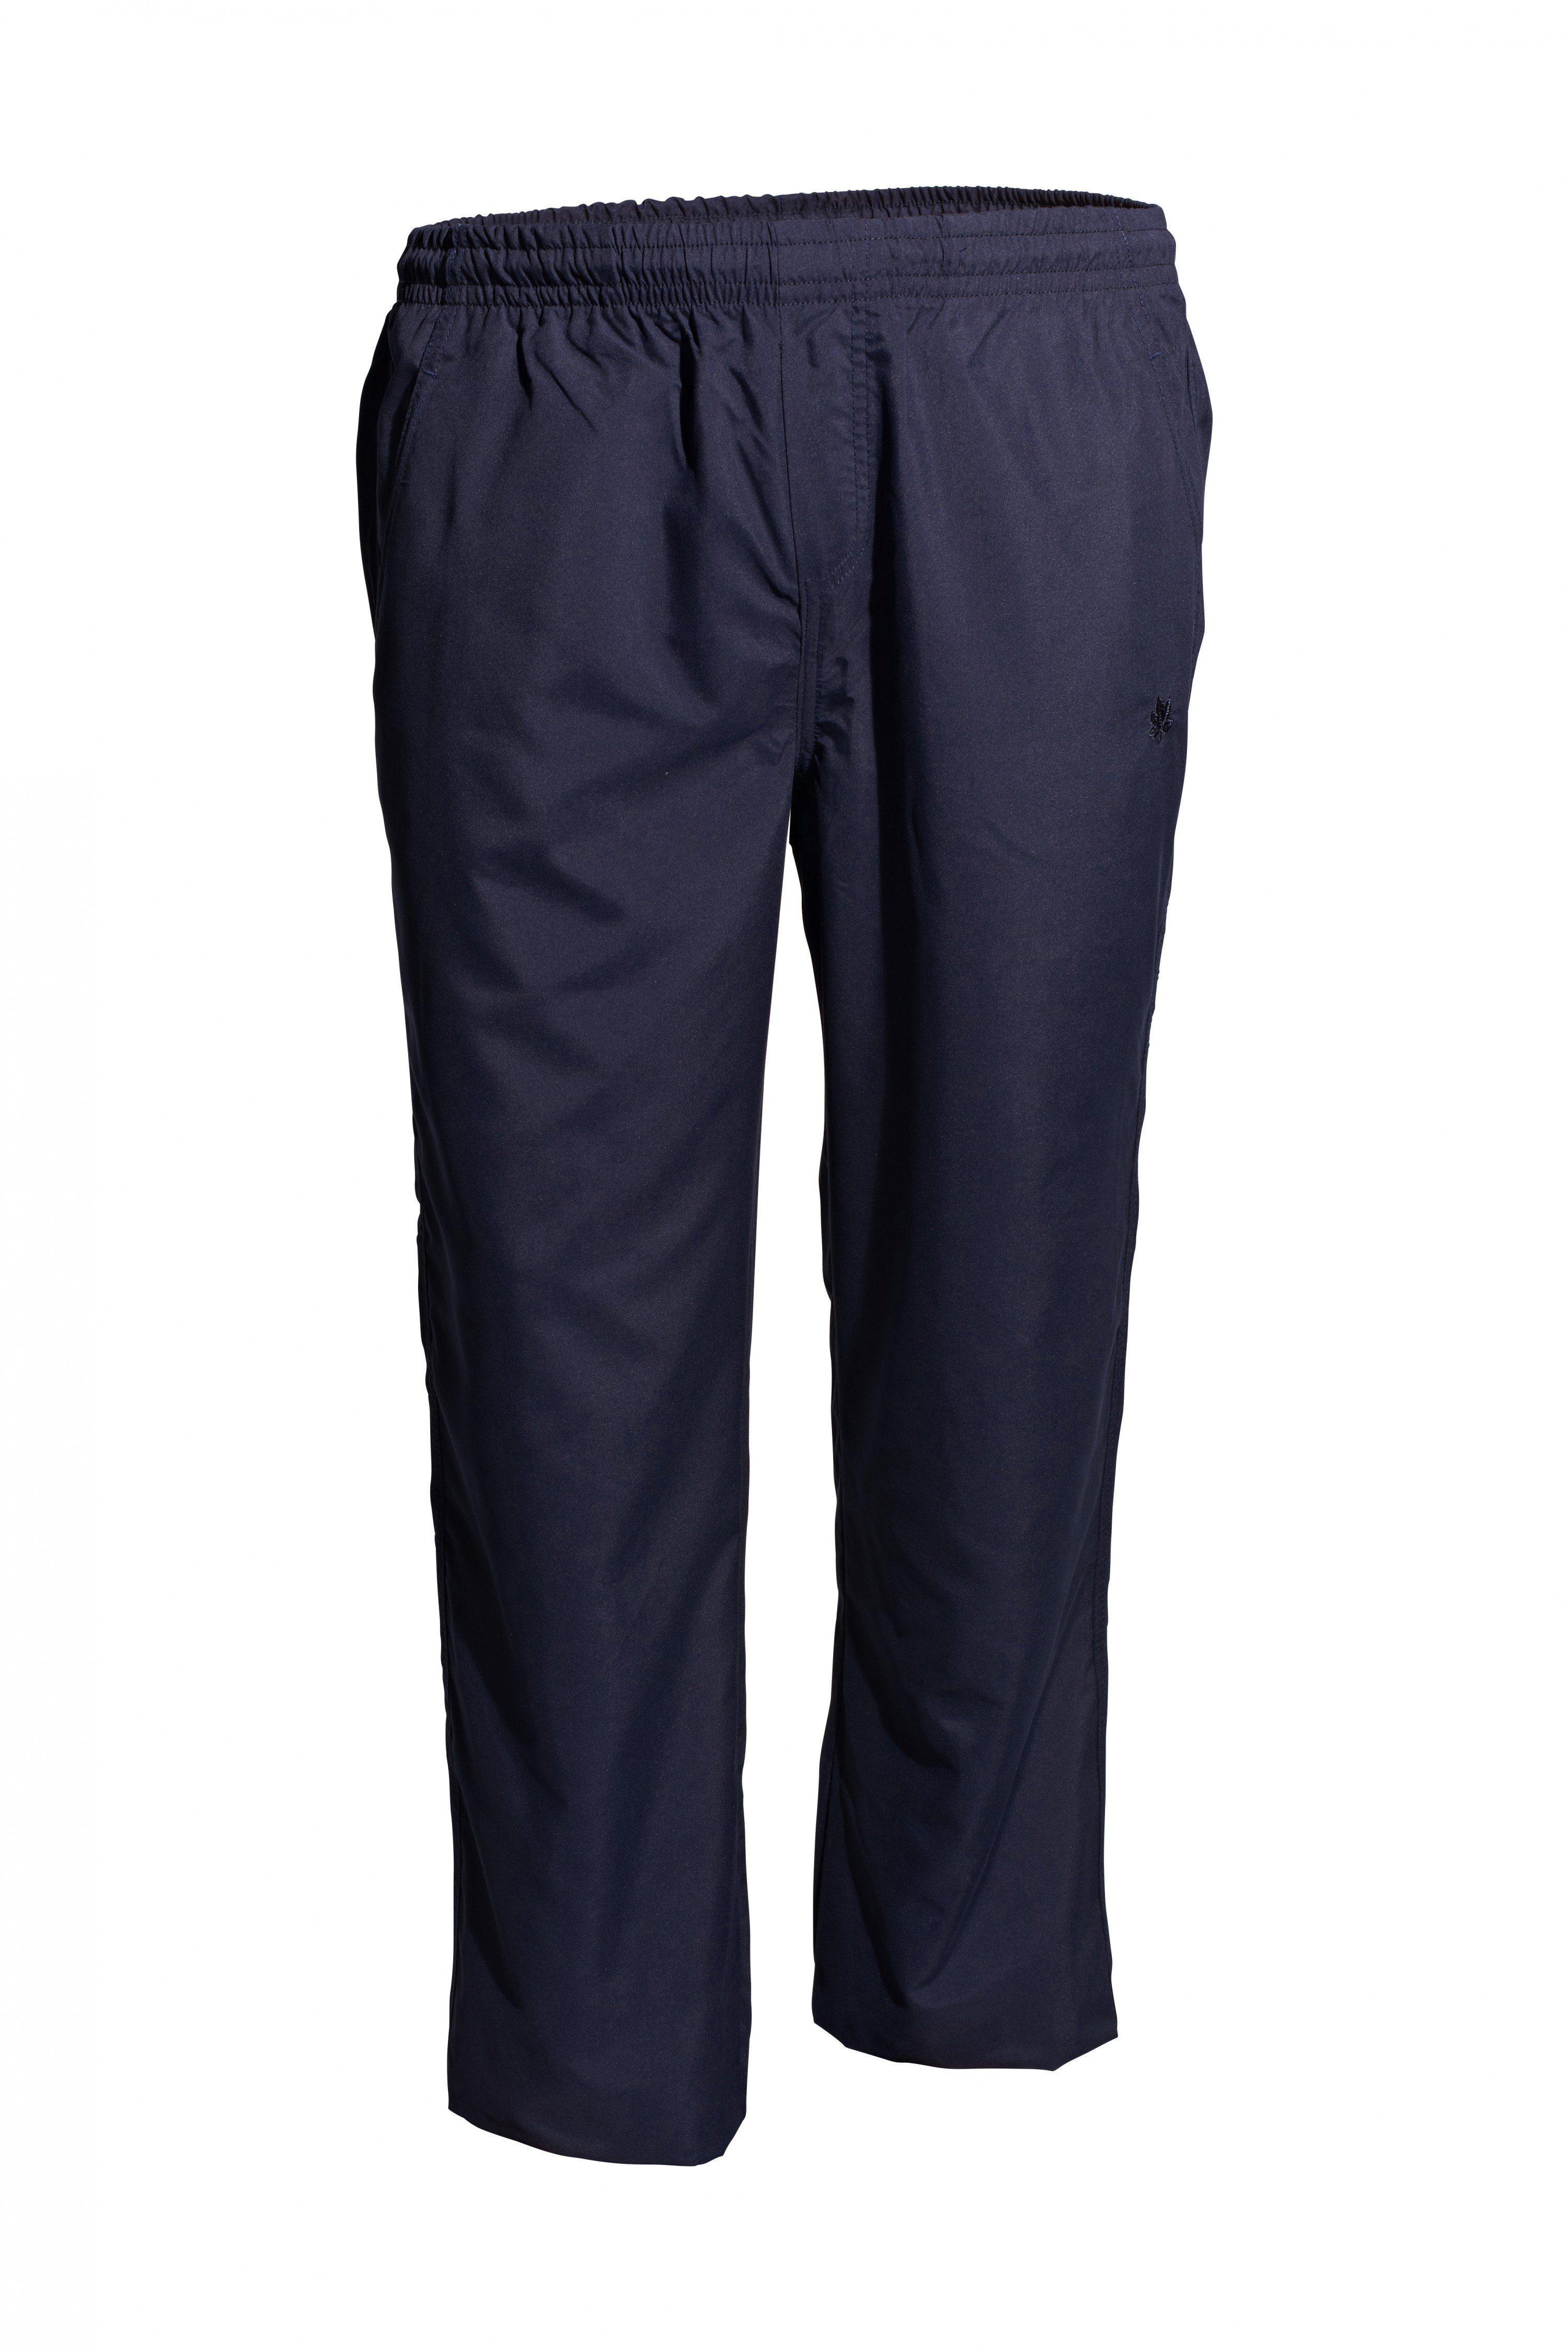 AHORN SPORTSWEAR Trainingshose mit praktischen Taschen | Sportbekleidung > Sporthosen | Blau | Polyester | Ahorn Sportswear